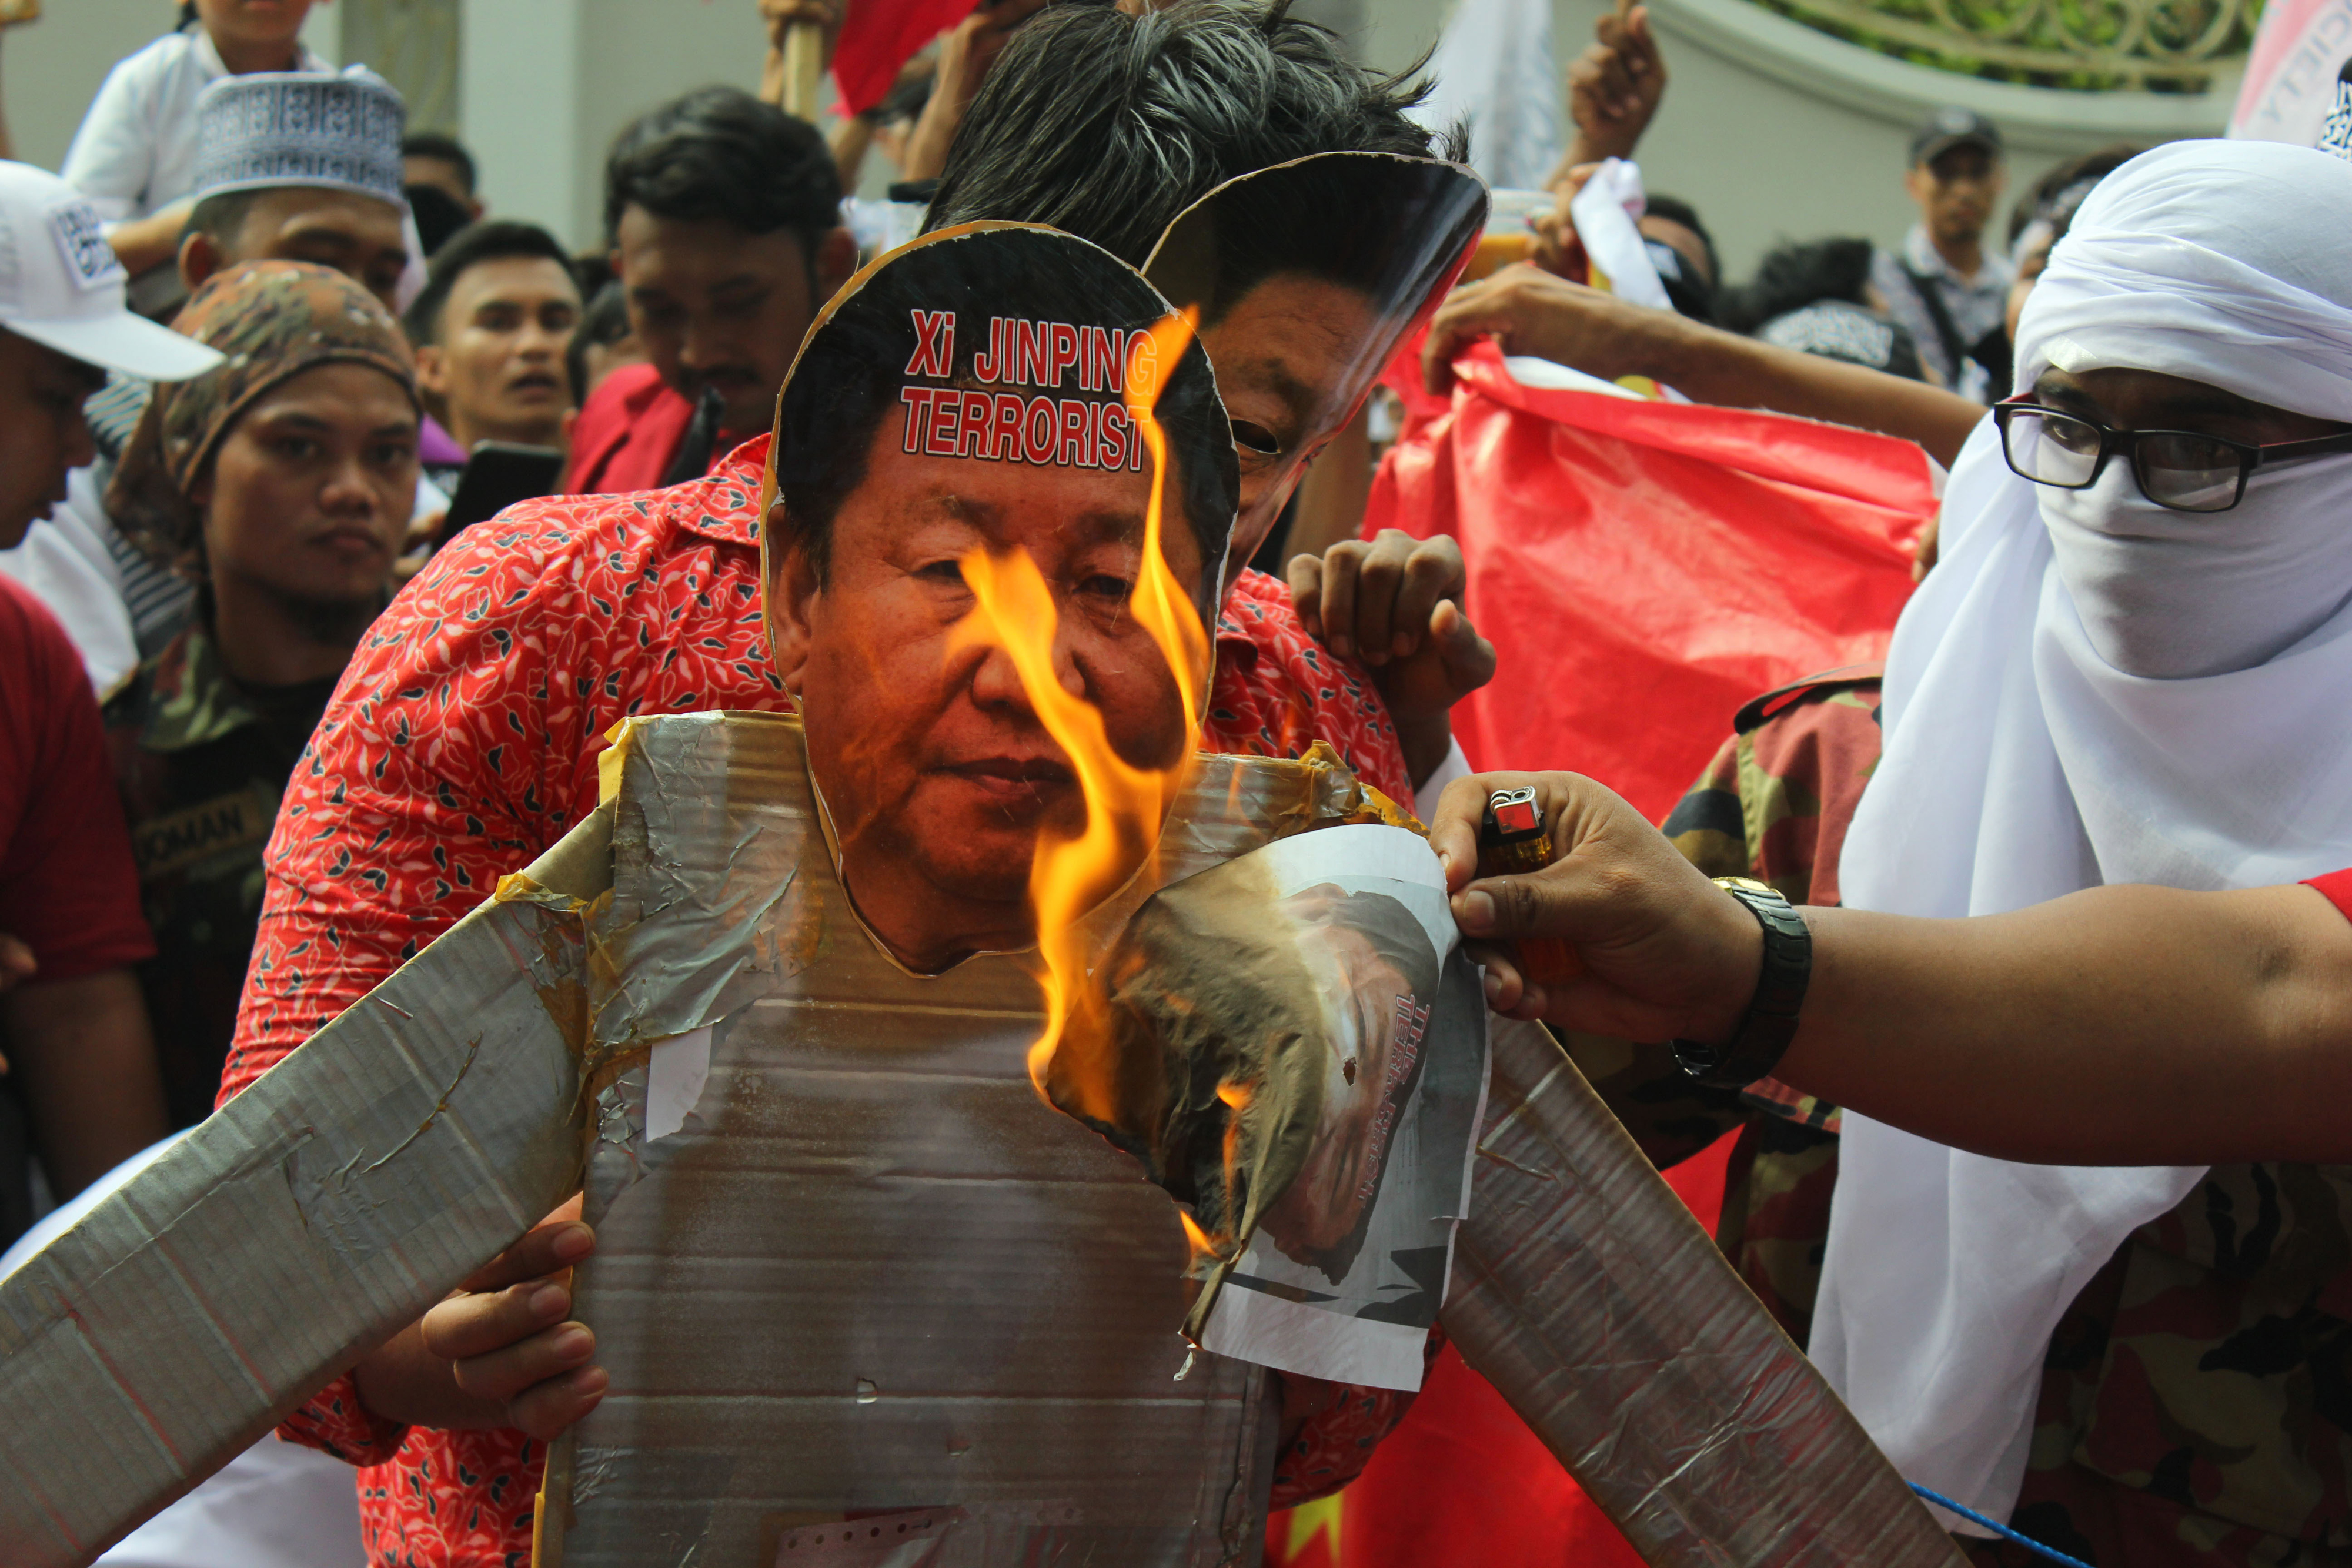 متظاهرون إندونيسيون يحرقون صورة الرئيس الصيني في تظاهرة تضامنية مع أقلية الأويغور- أرشيف